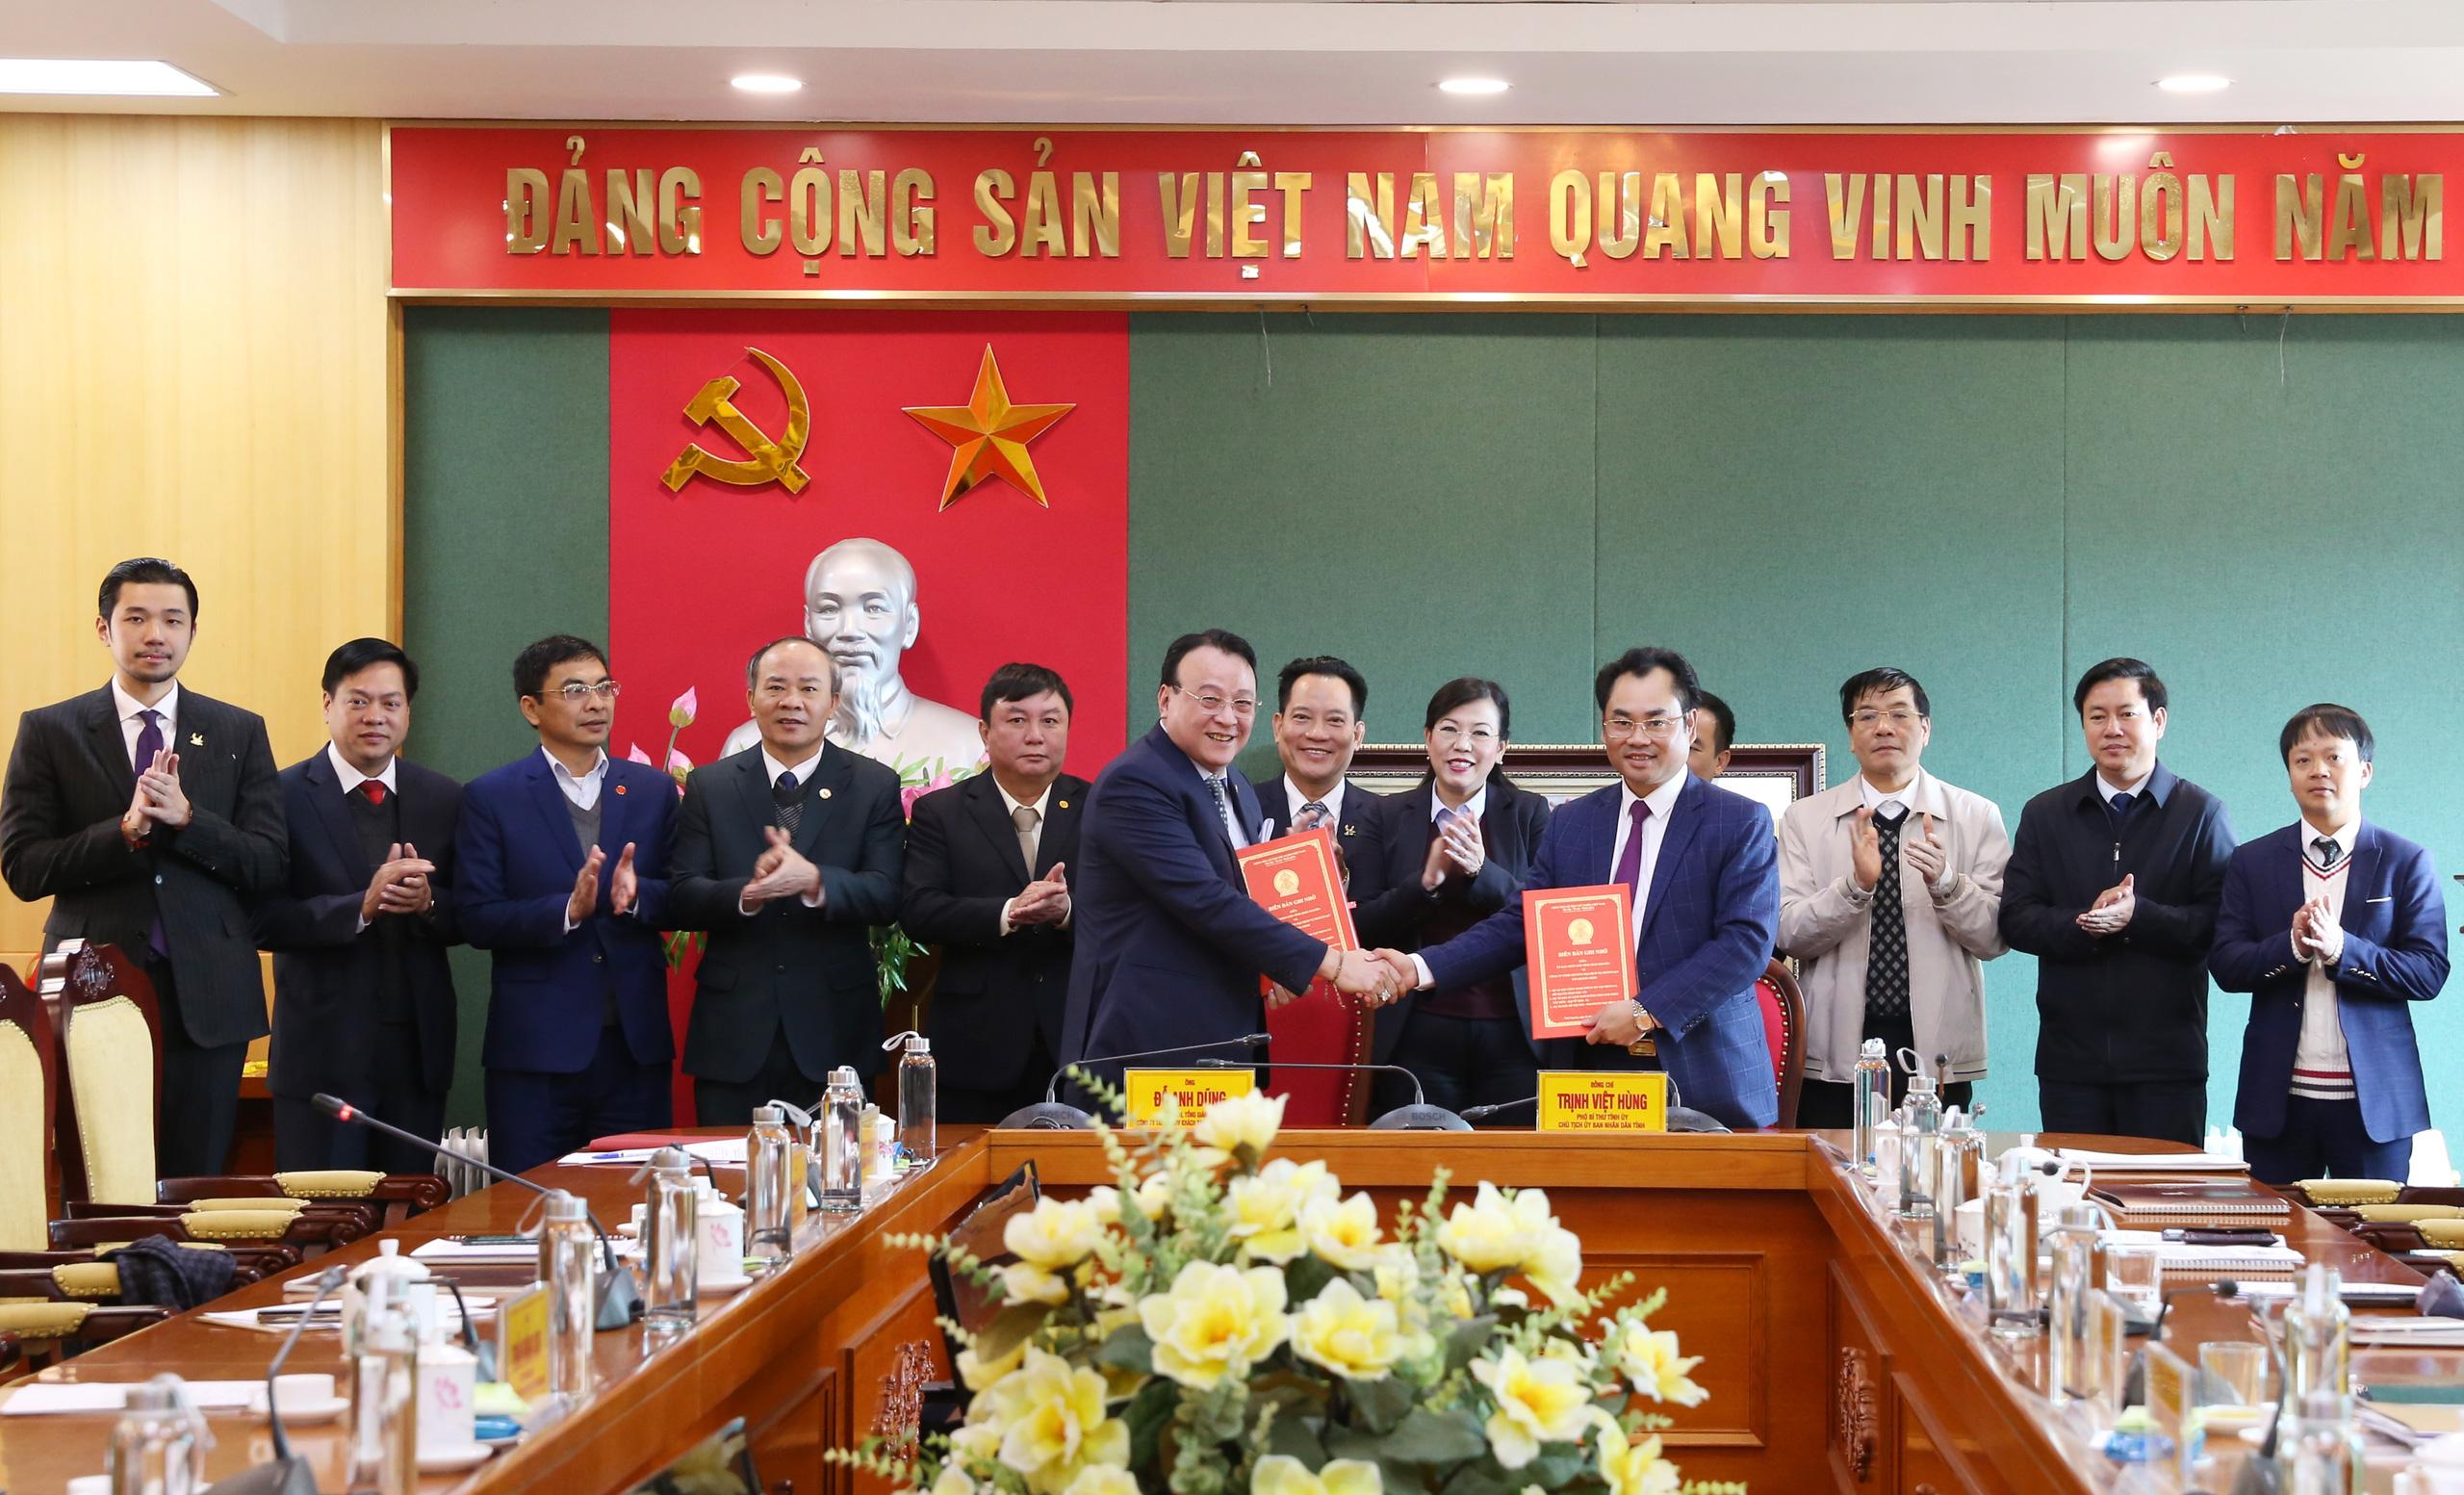 Tân Hoàng Minh muốn làm dự án hơn 500 ha tại Thái Nguyên - Ảnh 1.